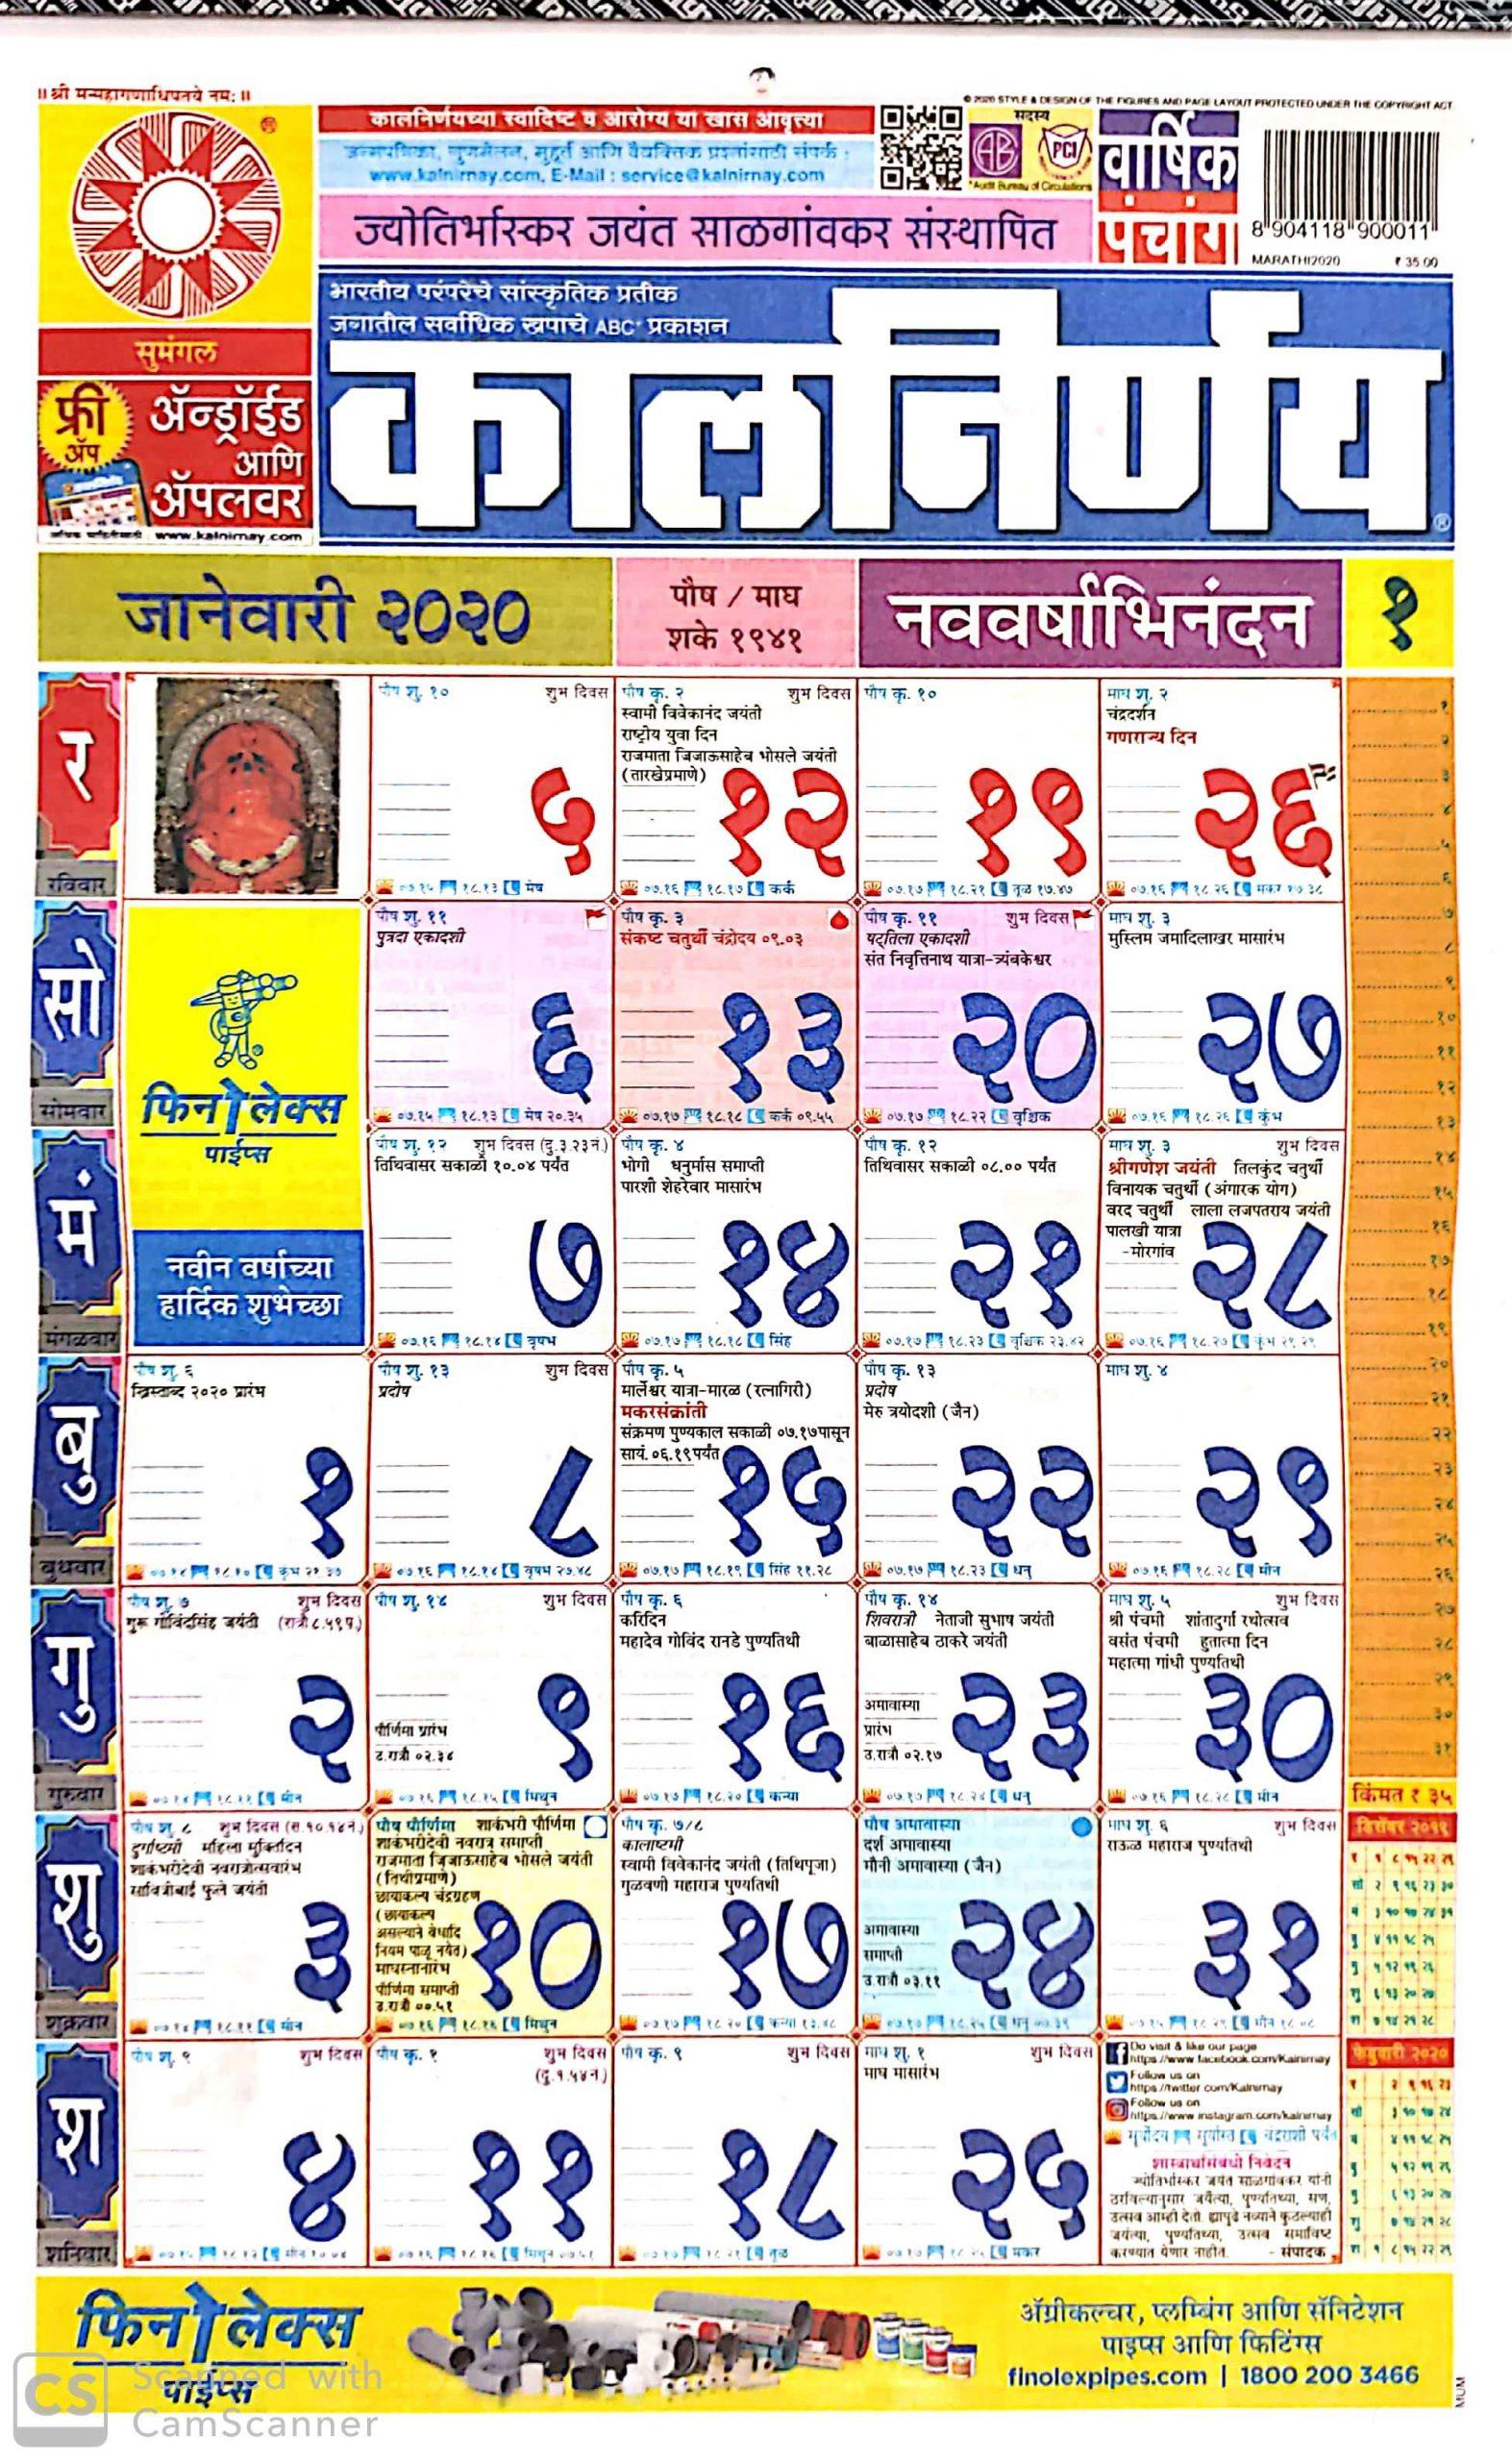 Kalnirnay Marathi Panchang Periodical 2020 regarding Kalnirnay May 2020